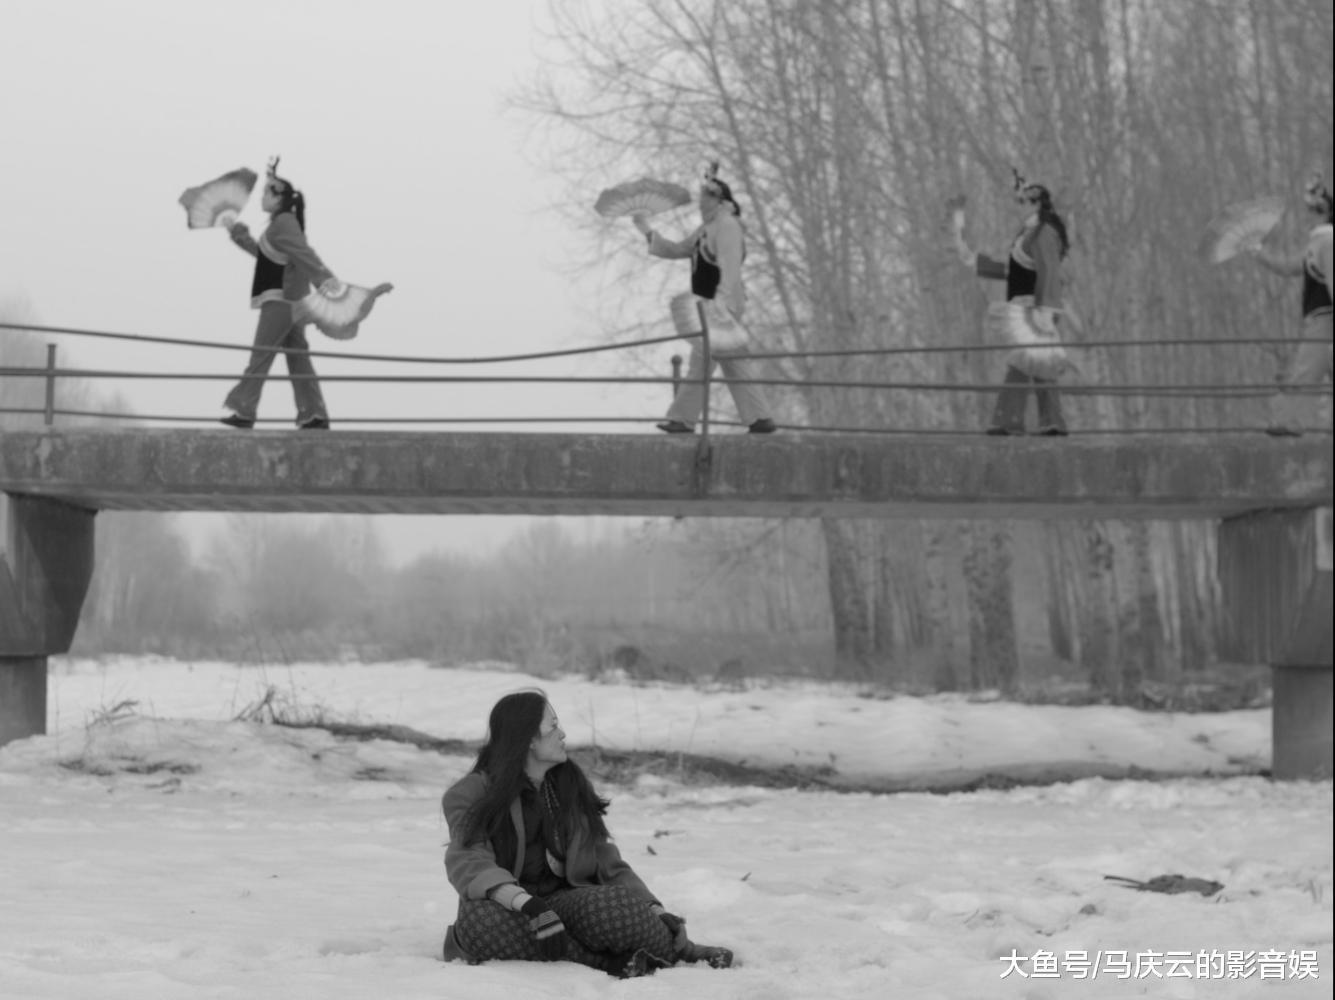 《北方一片苍茫》成仙的不是小寡妇, 而是忧国忧民的知识分子